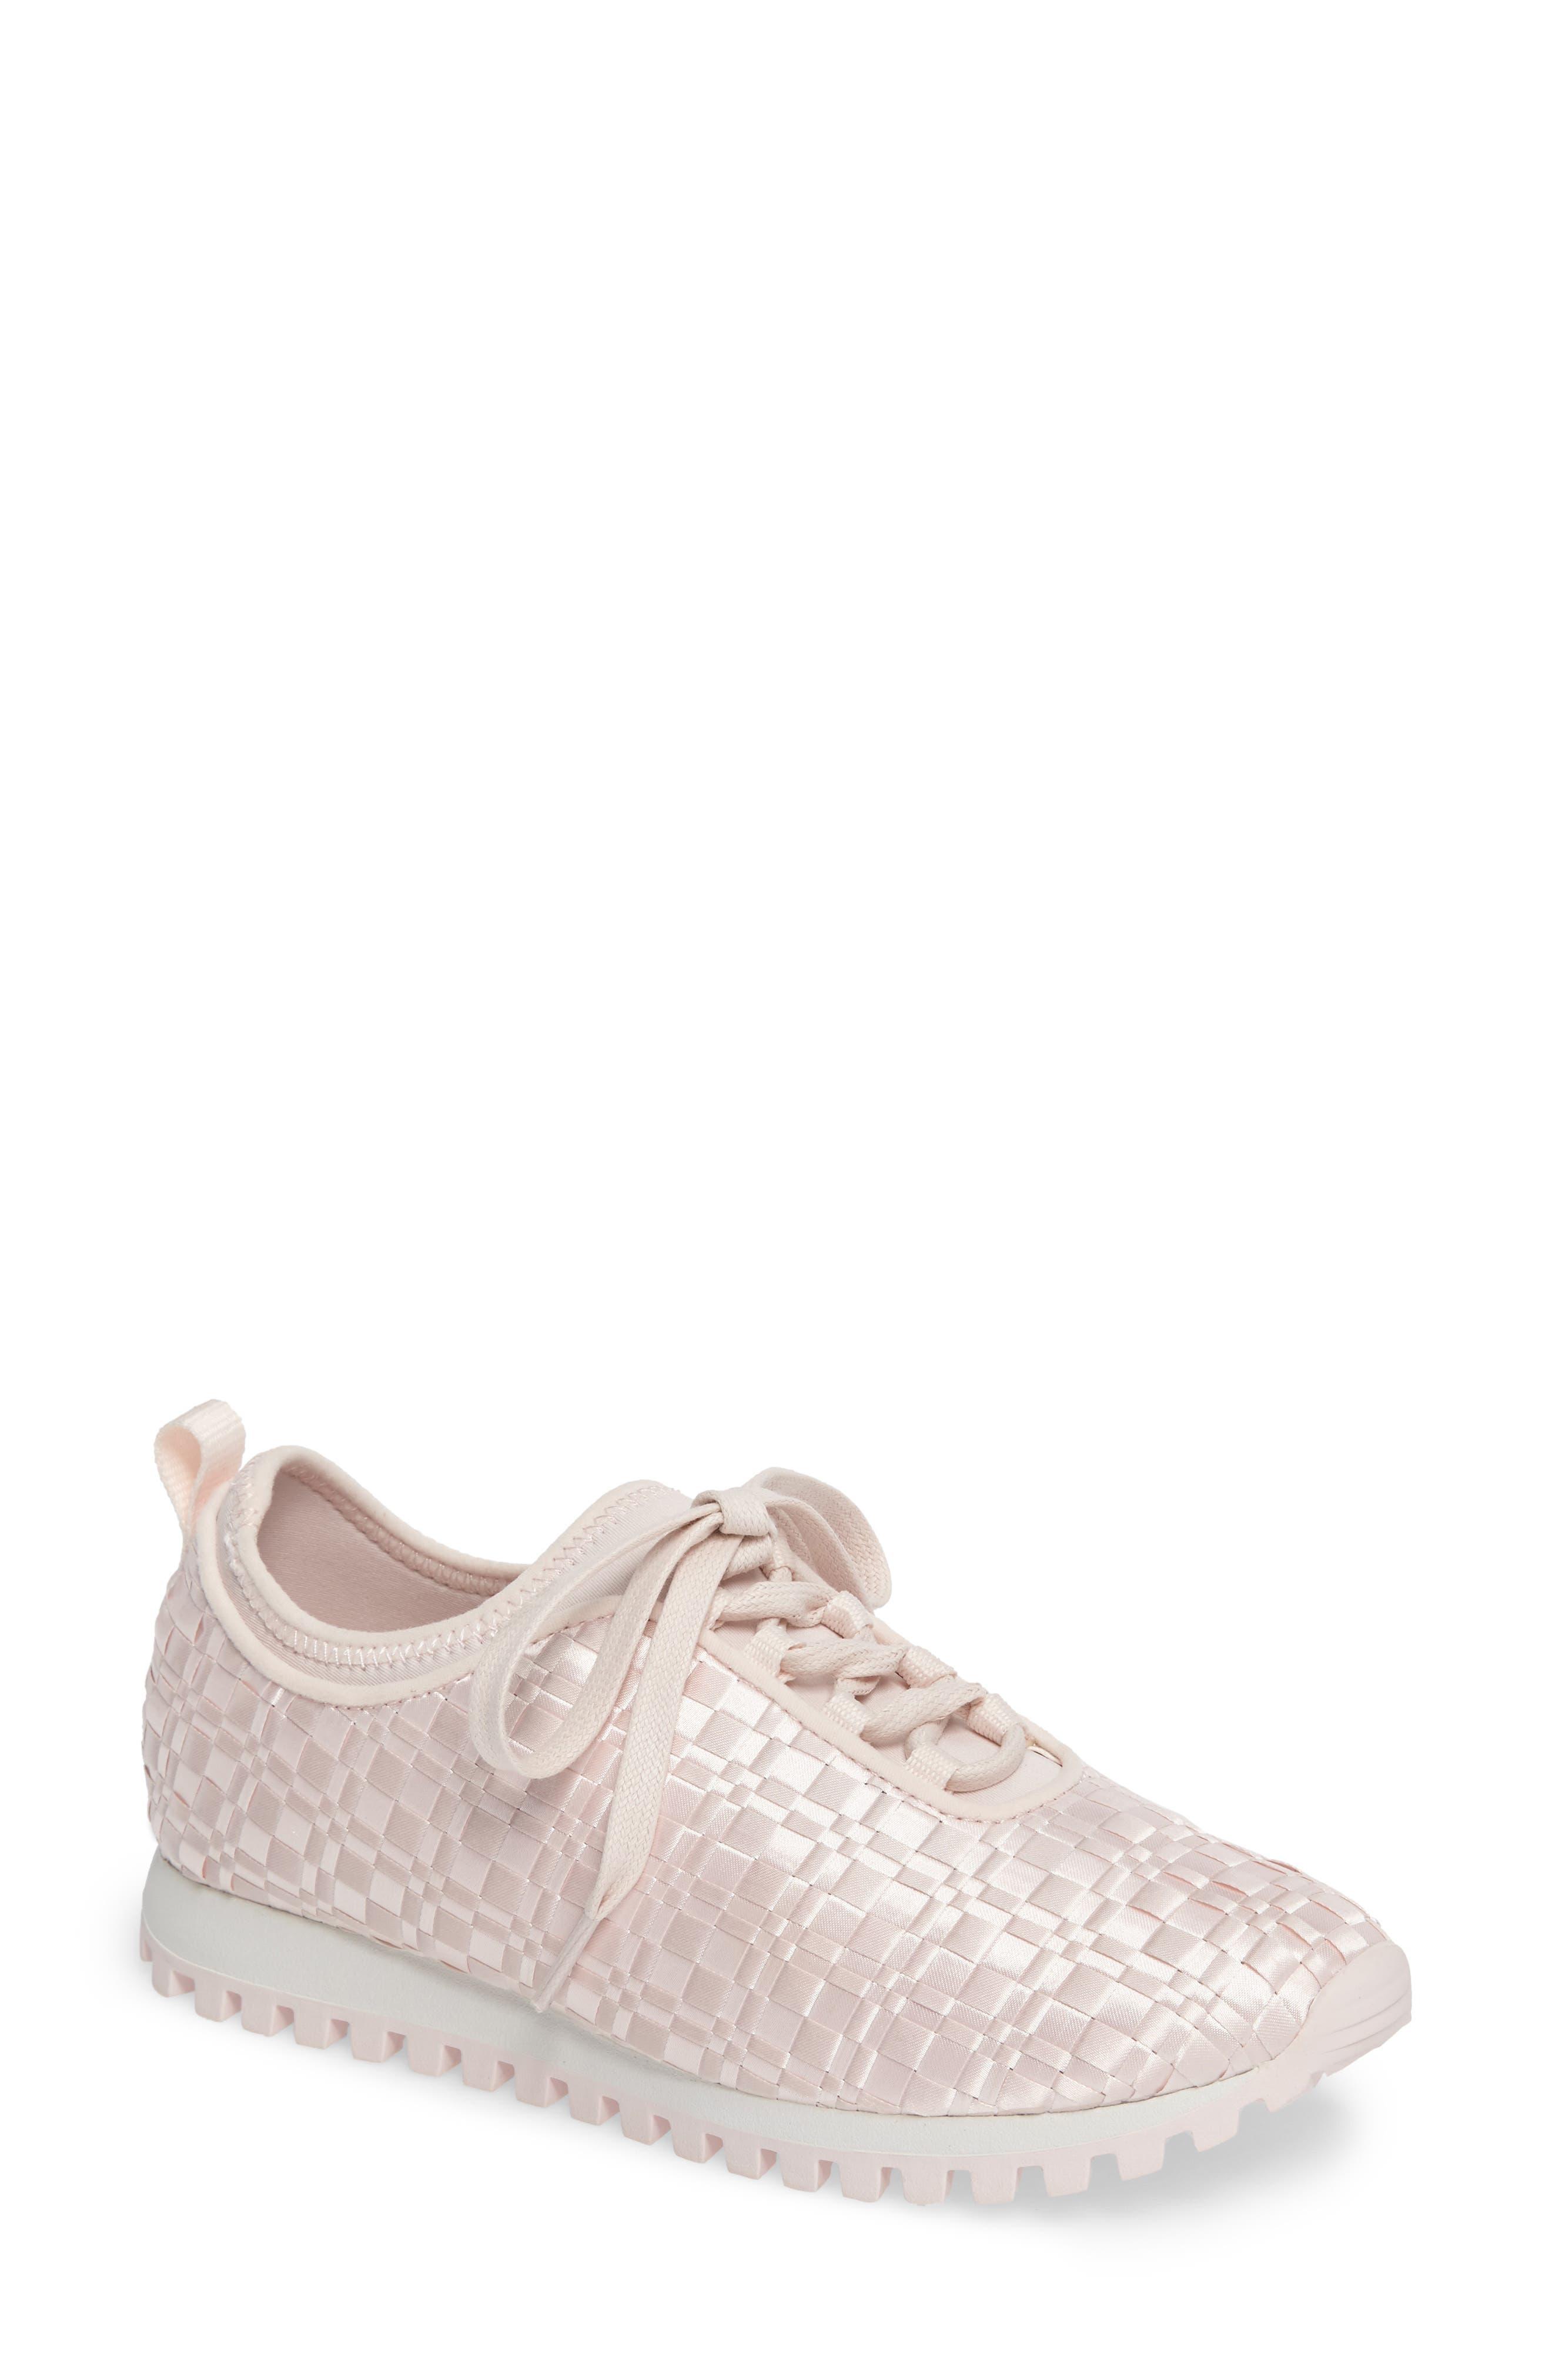 Lynn Sock Fit Woven Sneaker,                         Main,                         color, Dusty Rose